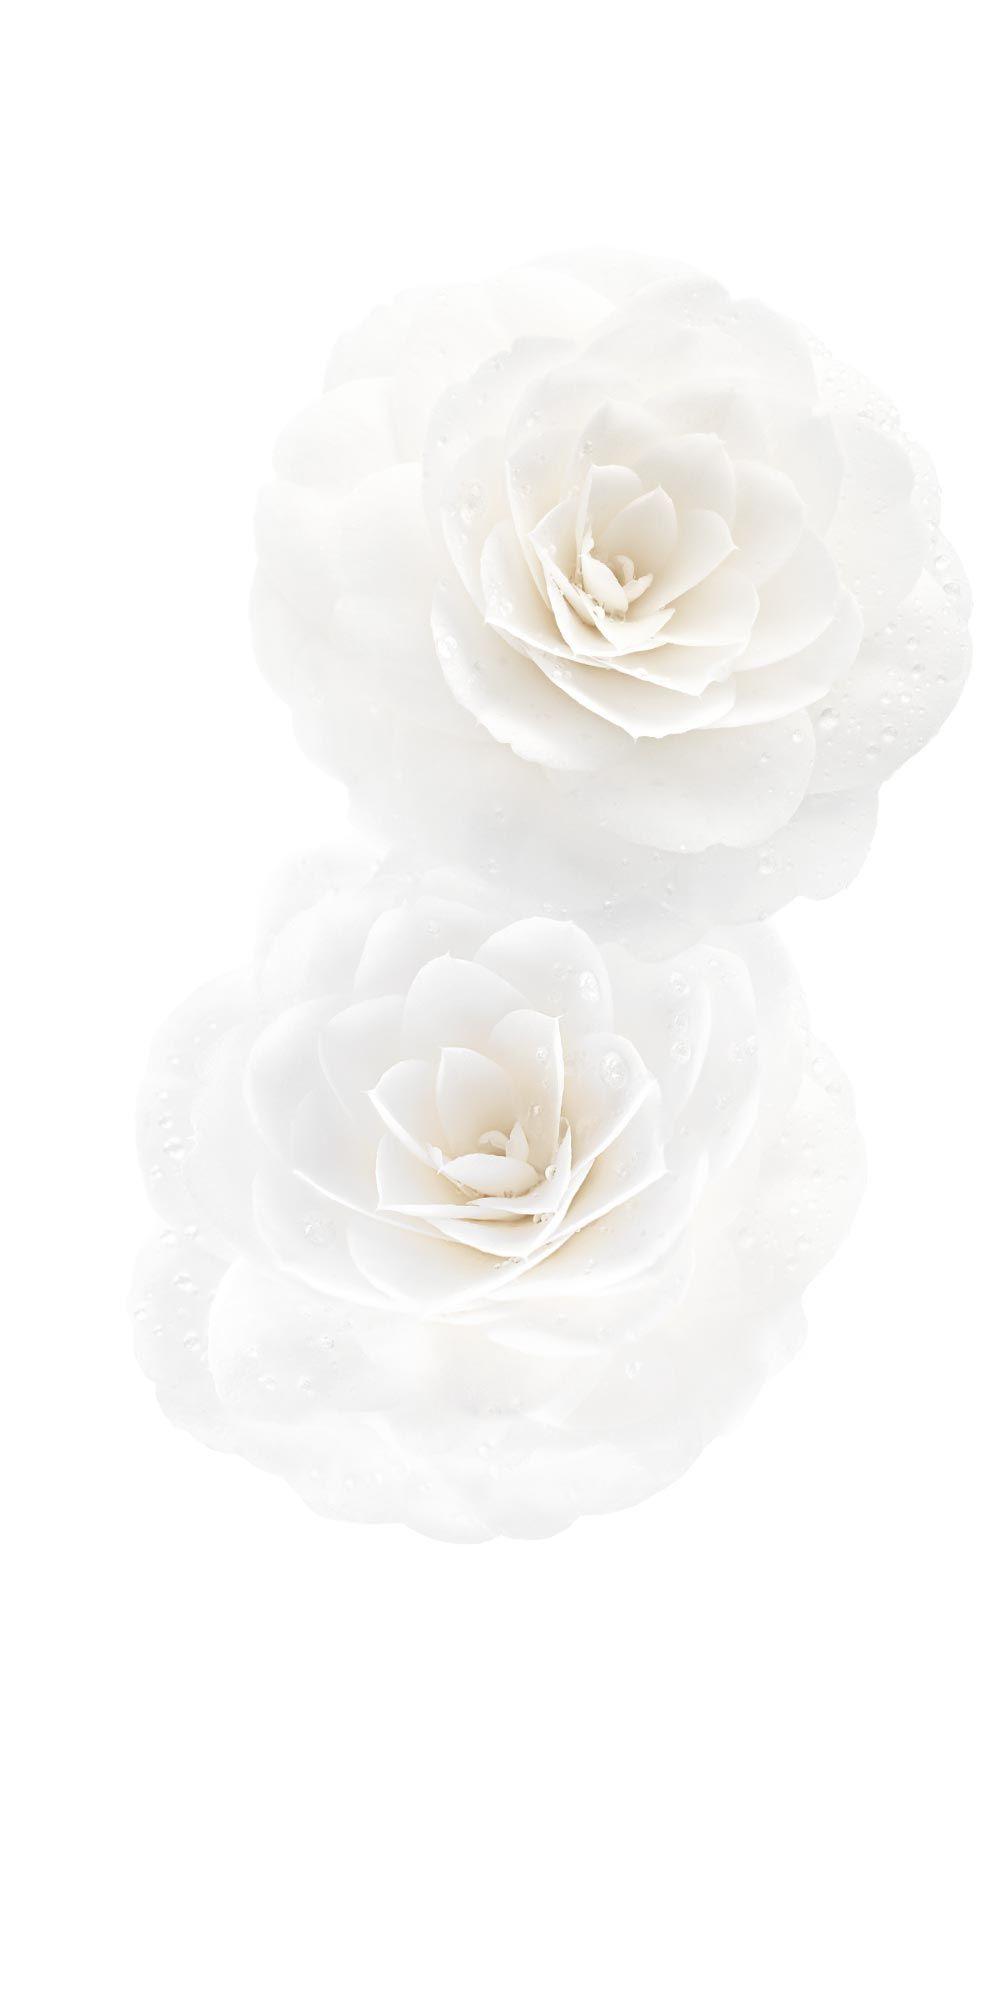 Chanel Hydra Beauty Nutrition Baume Nourrissant Levres Fond D Ecran Telephone Fond Ecran Blanc Motif Floral